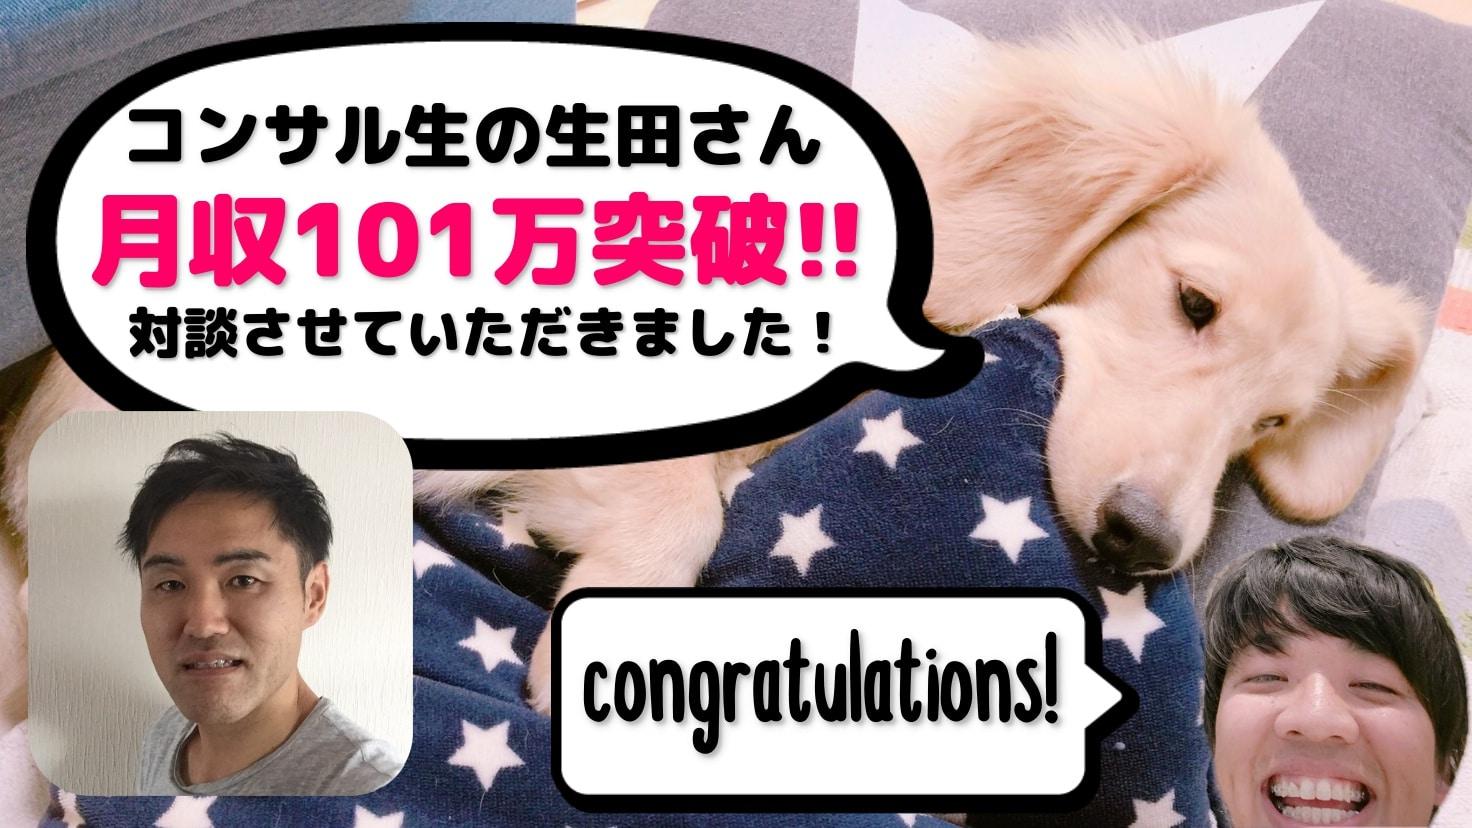 【物販コンサル】生田さんが月収101万突破しました!おめでとうございます!